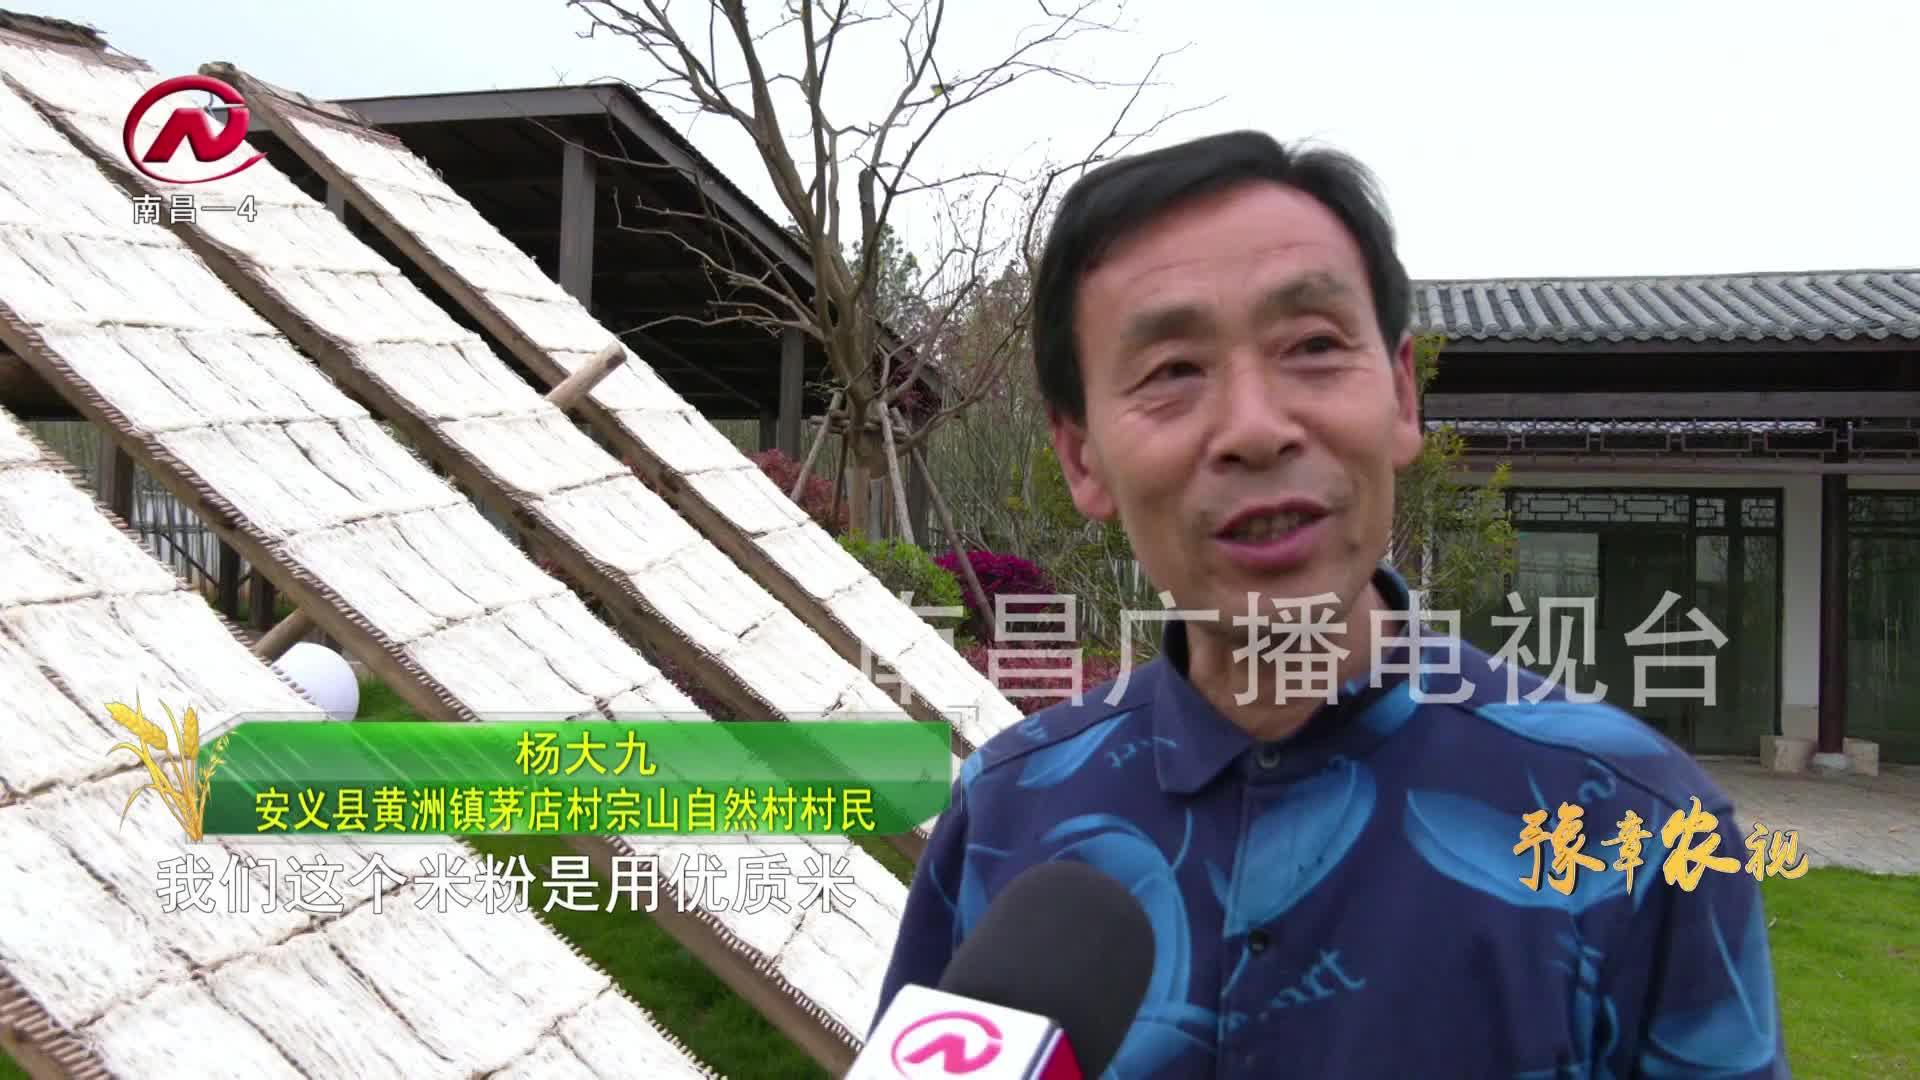 【豫章農視】打造特色米粉小鎮  助力鄉村產業動能